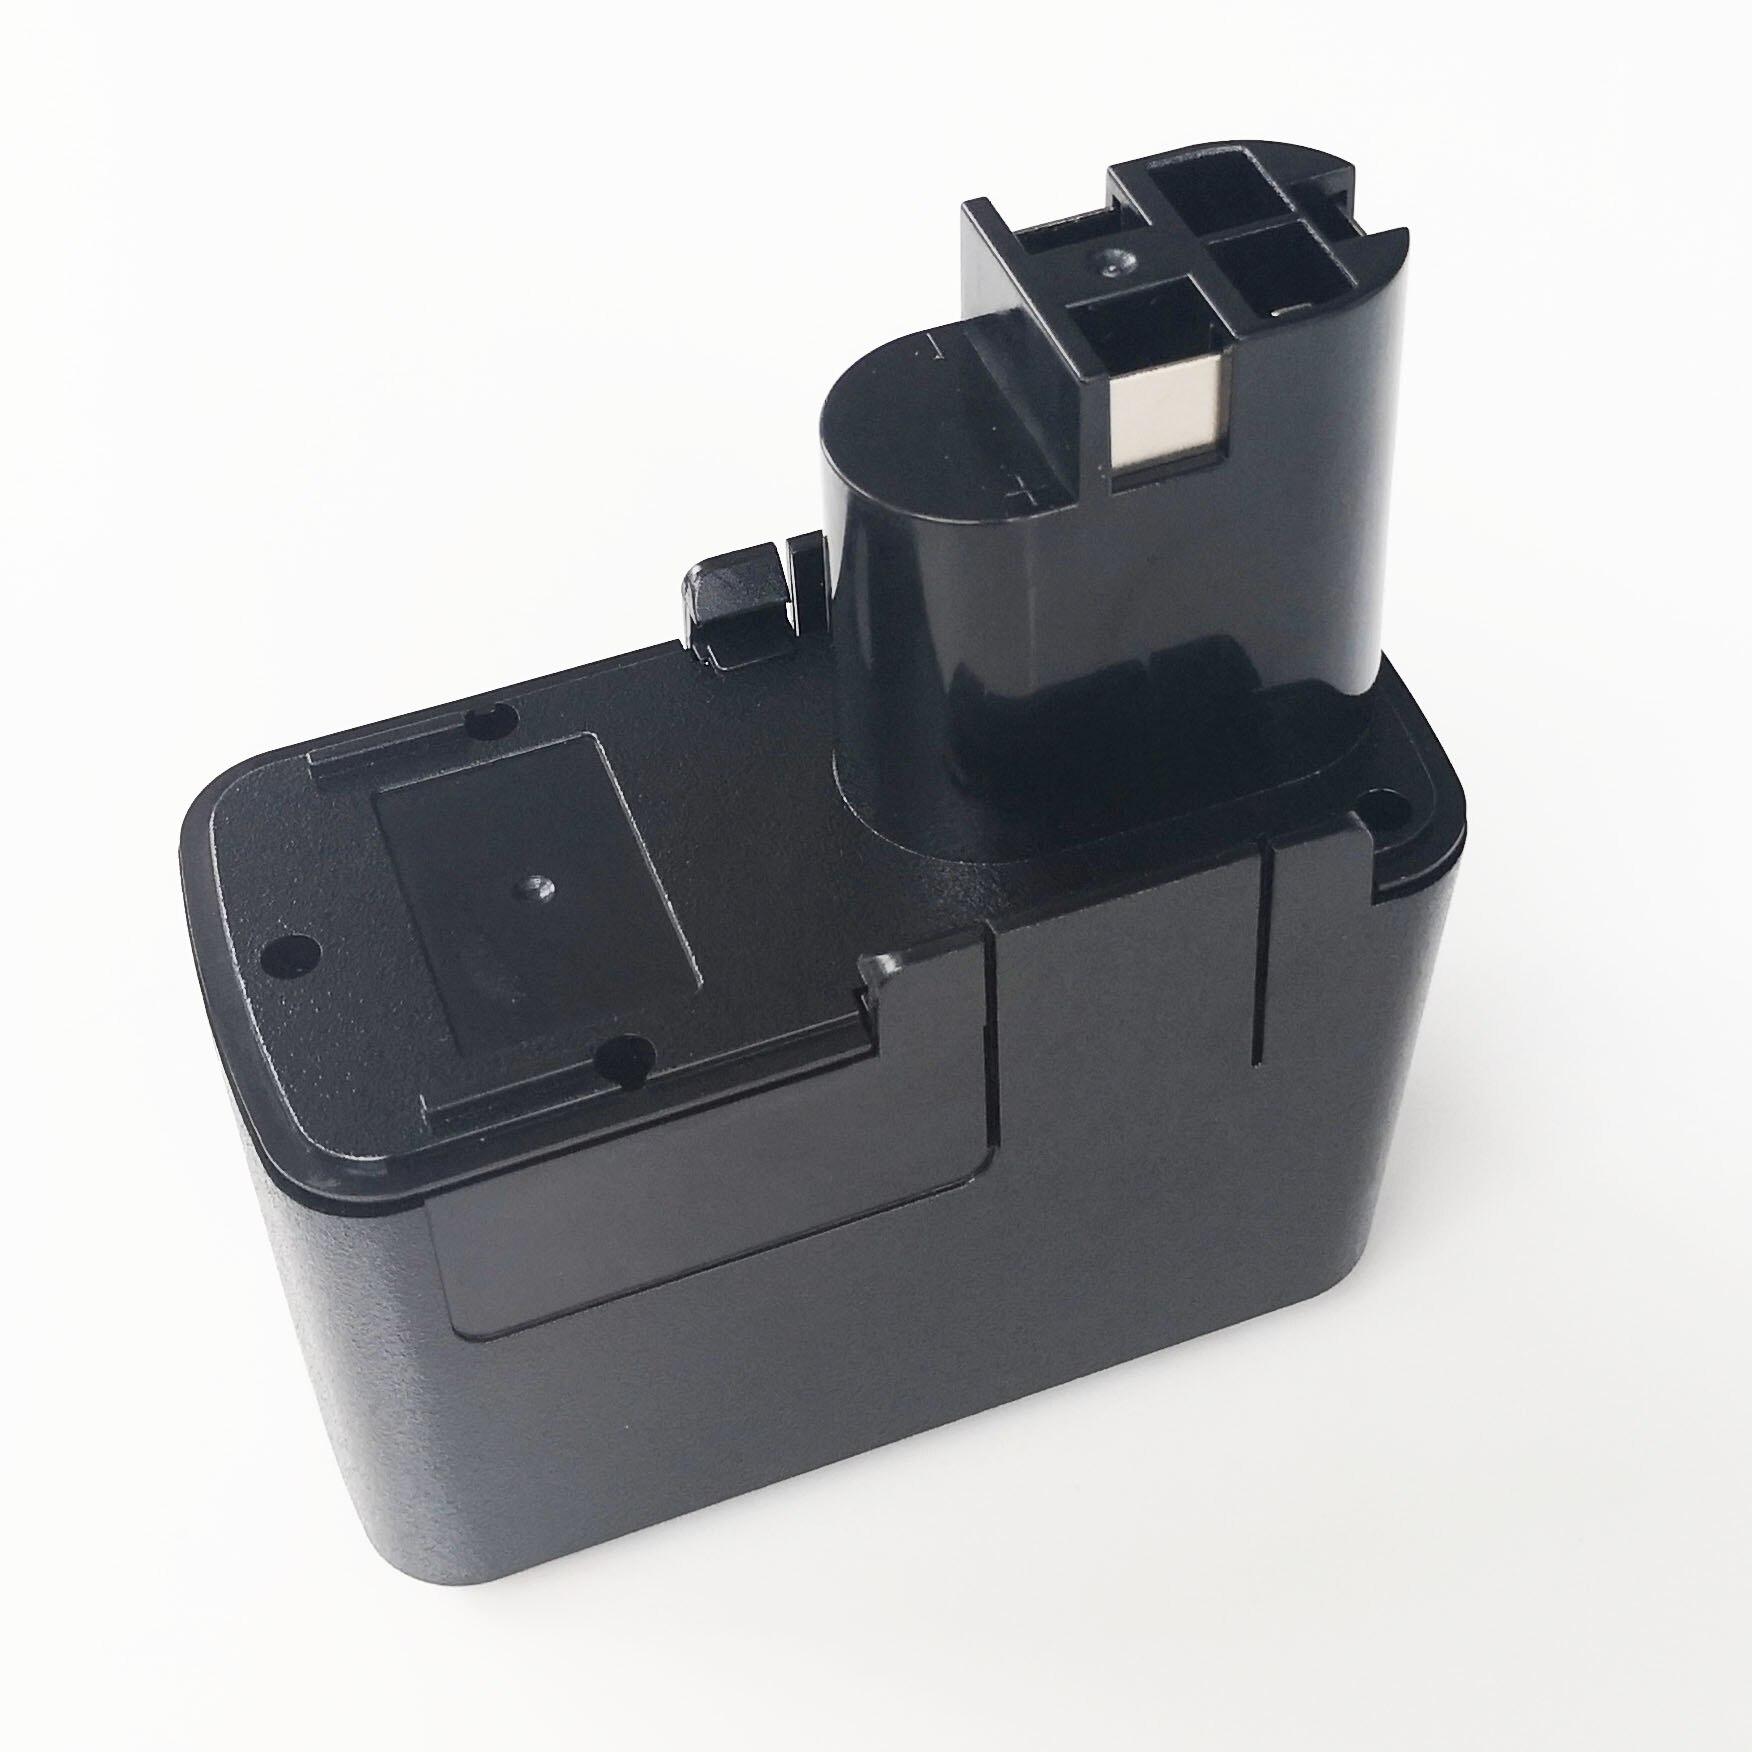 Аккумуляторная батарея 9,6 В, 3,0 Ач, Ni-MH, Аккумуляторная дрель, отвертка GBB 9,6-1 Гб 9,6 в